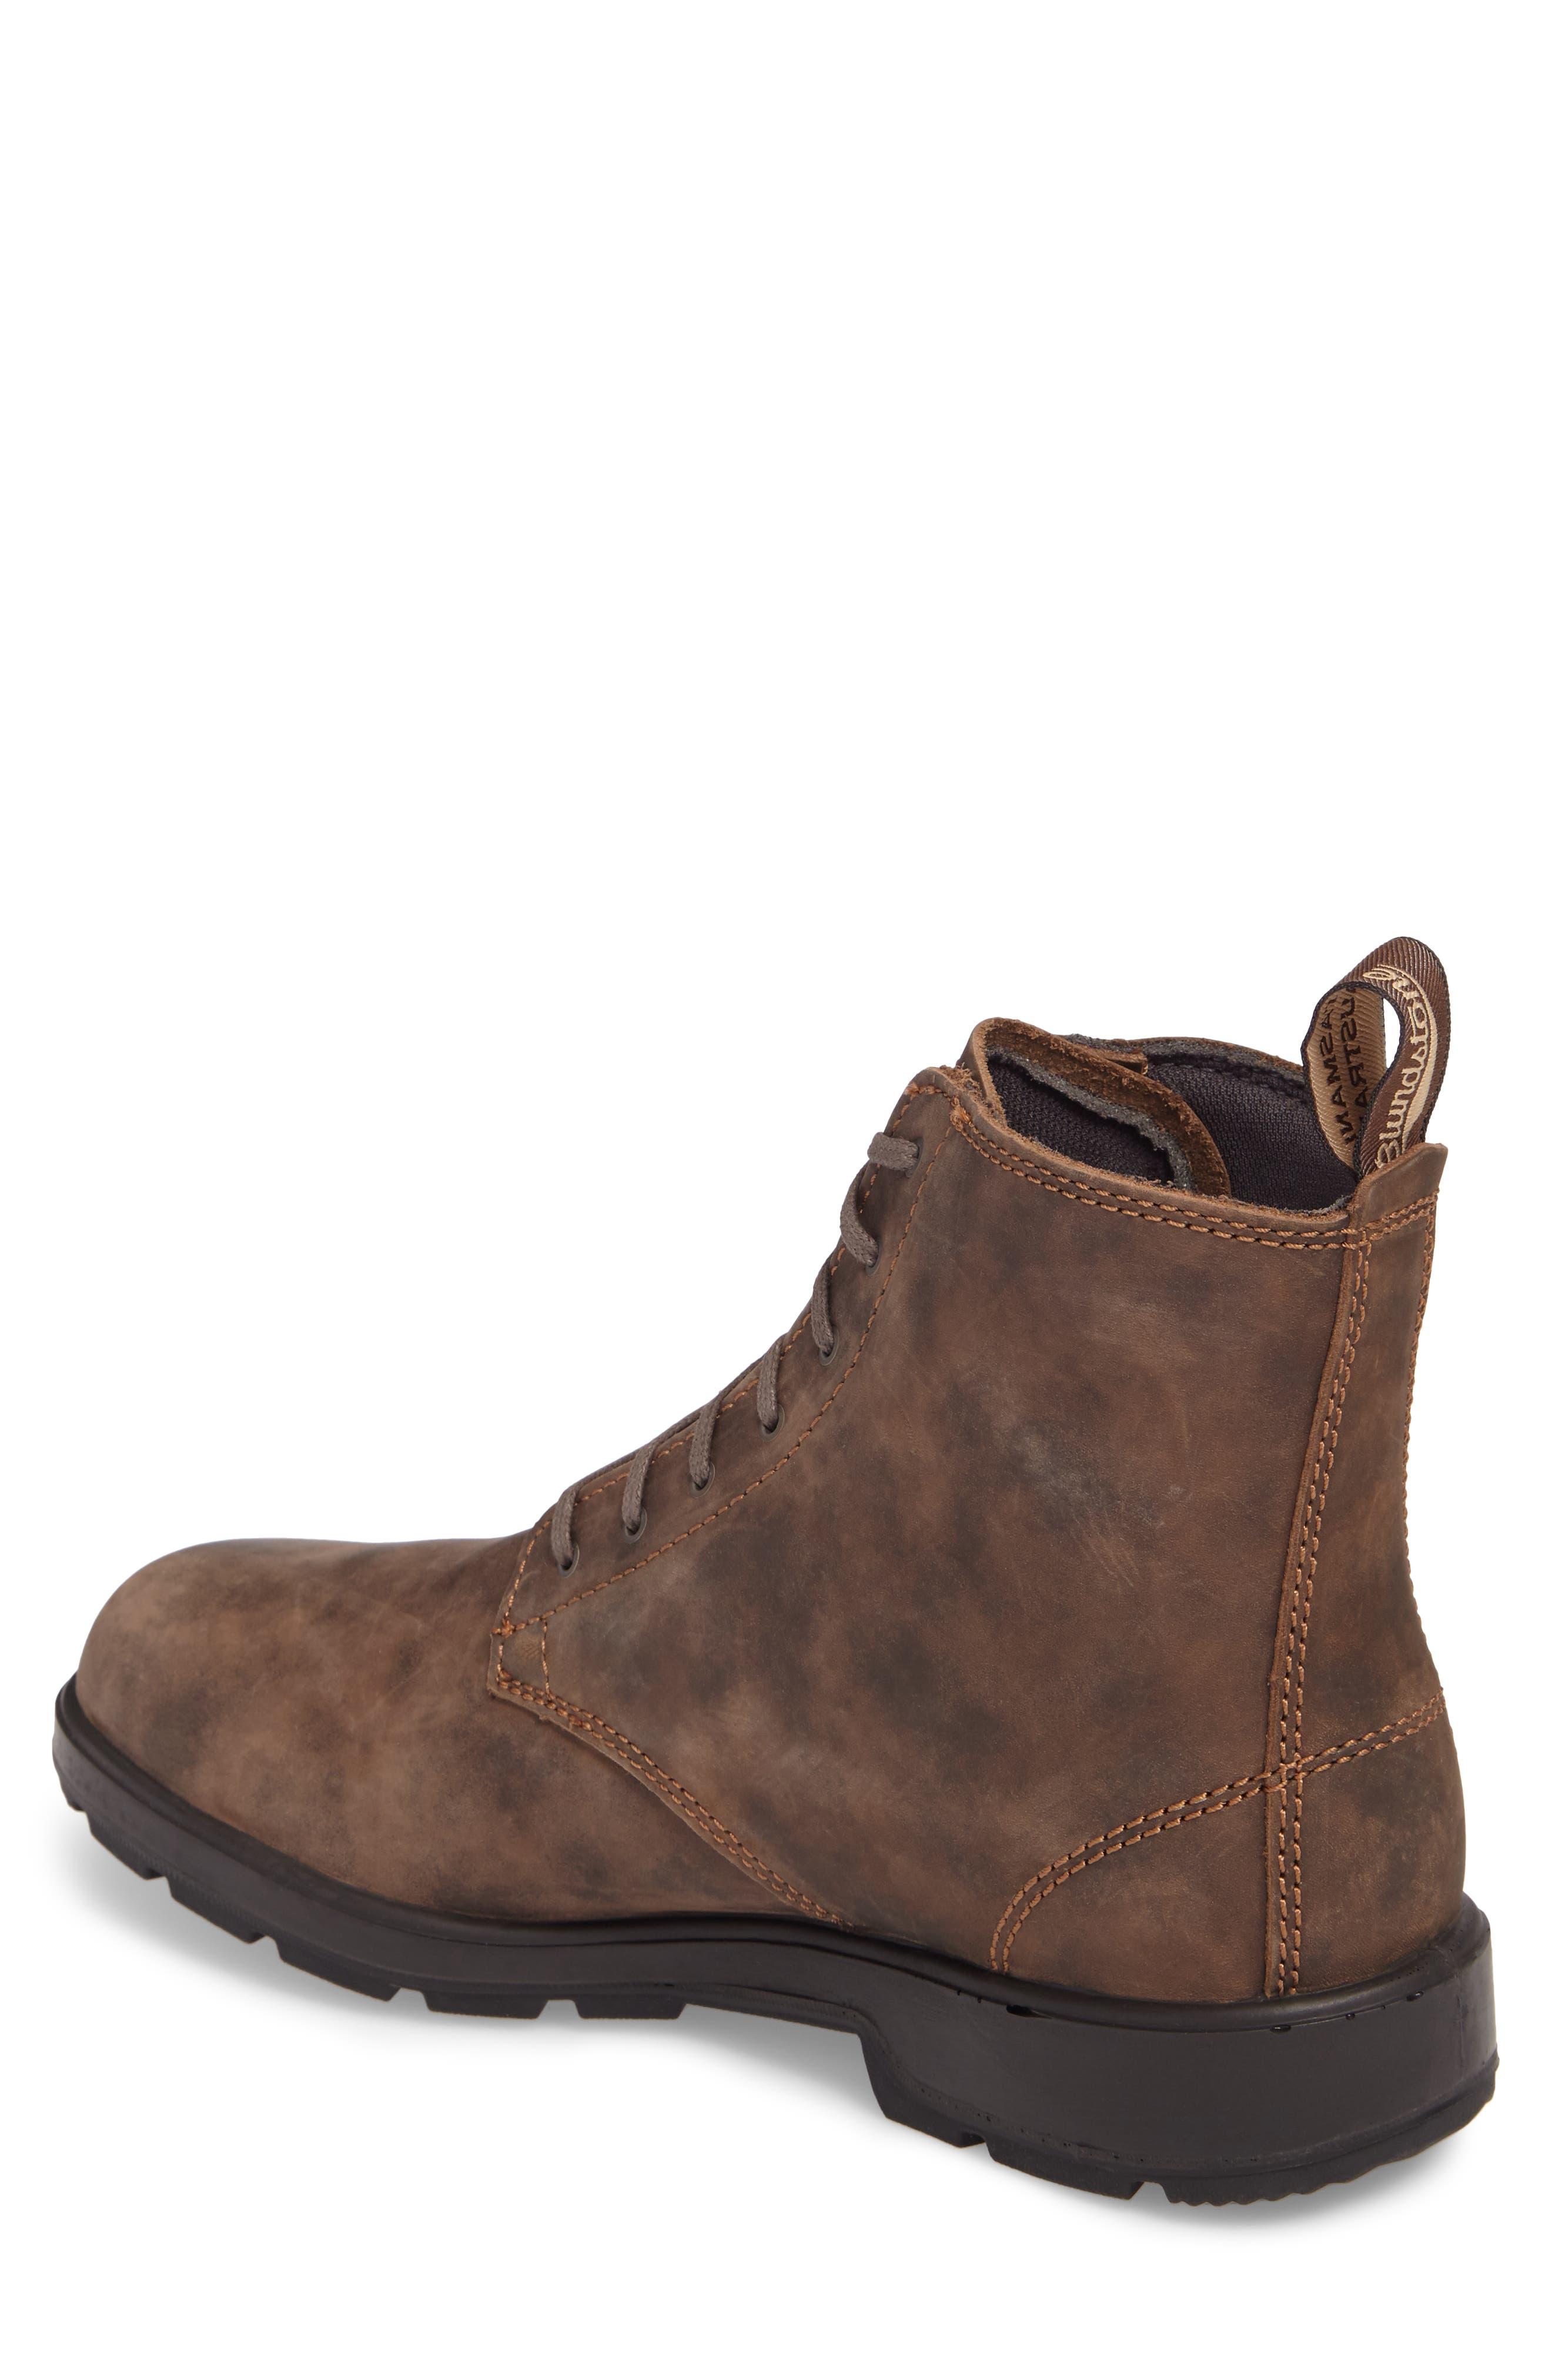 Original Plain Toe Boot,                             Alternate thumbnail 2, color,                             Rustic Brown Leather